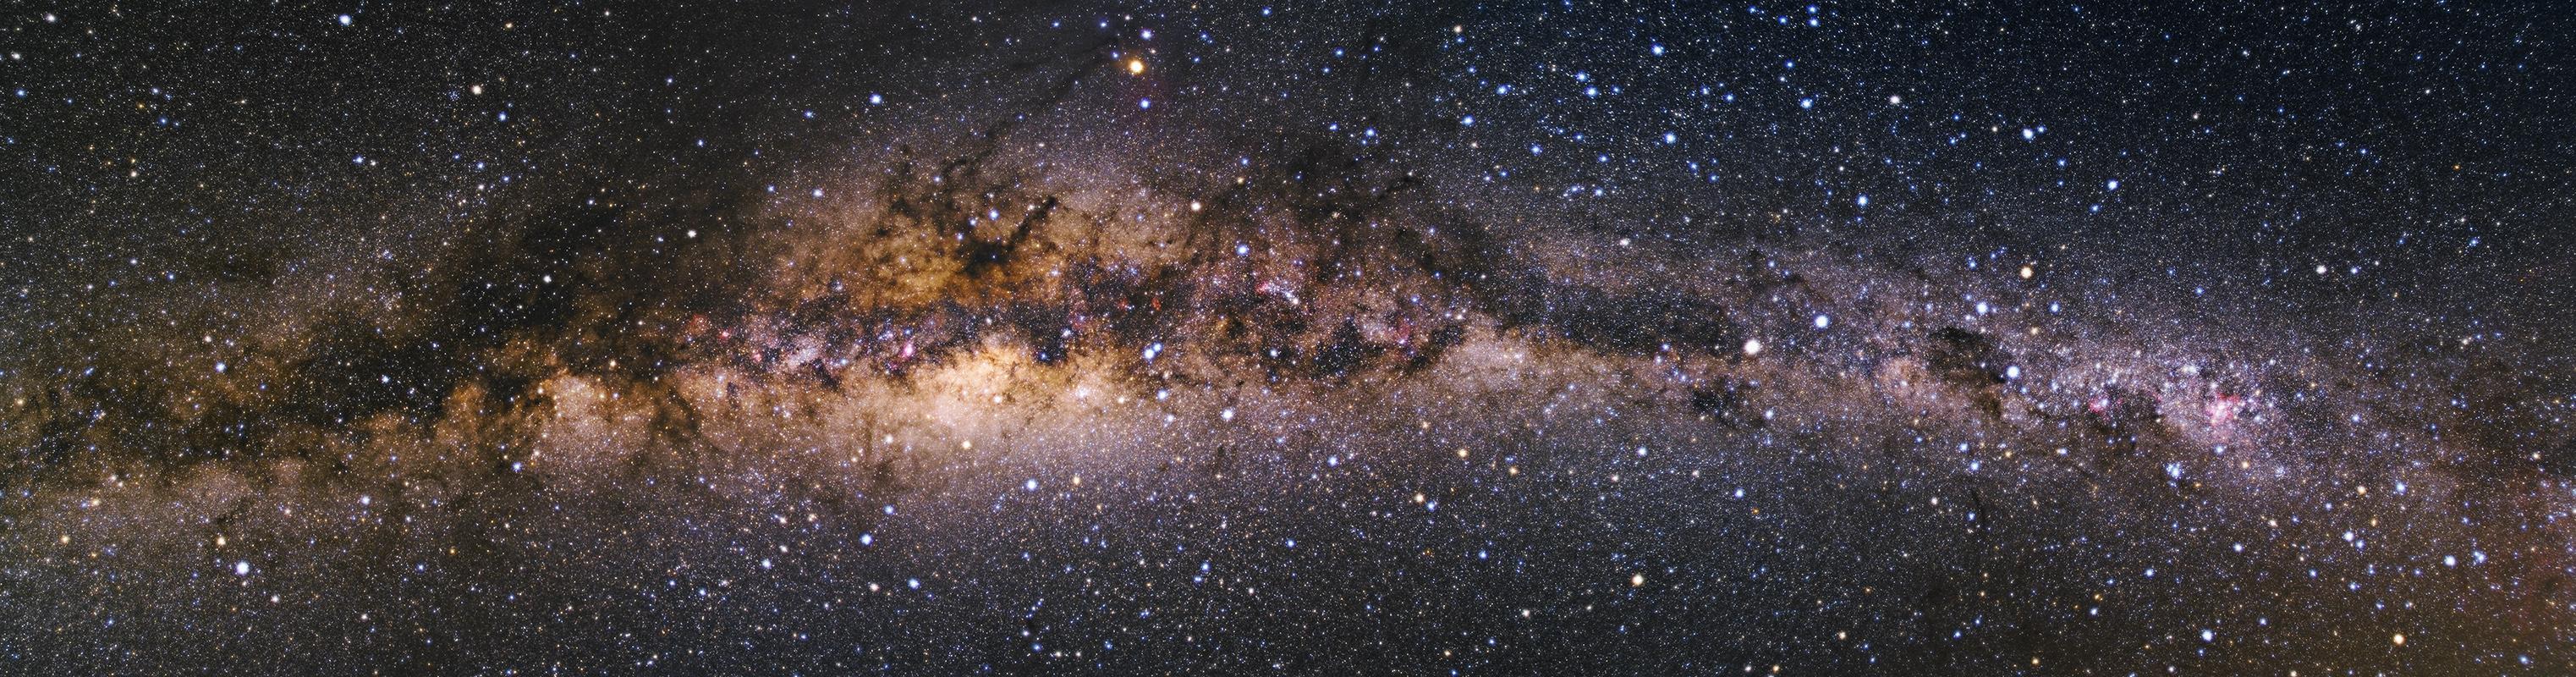 Tivoli Milchstraßenpanorama